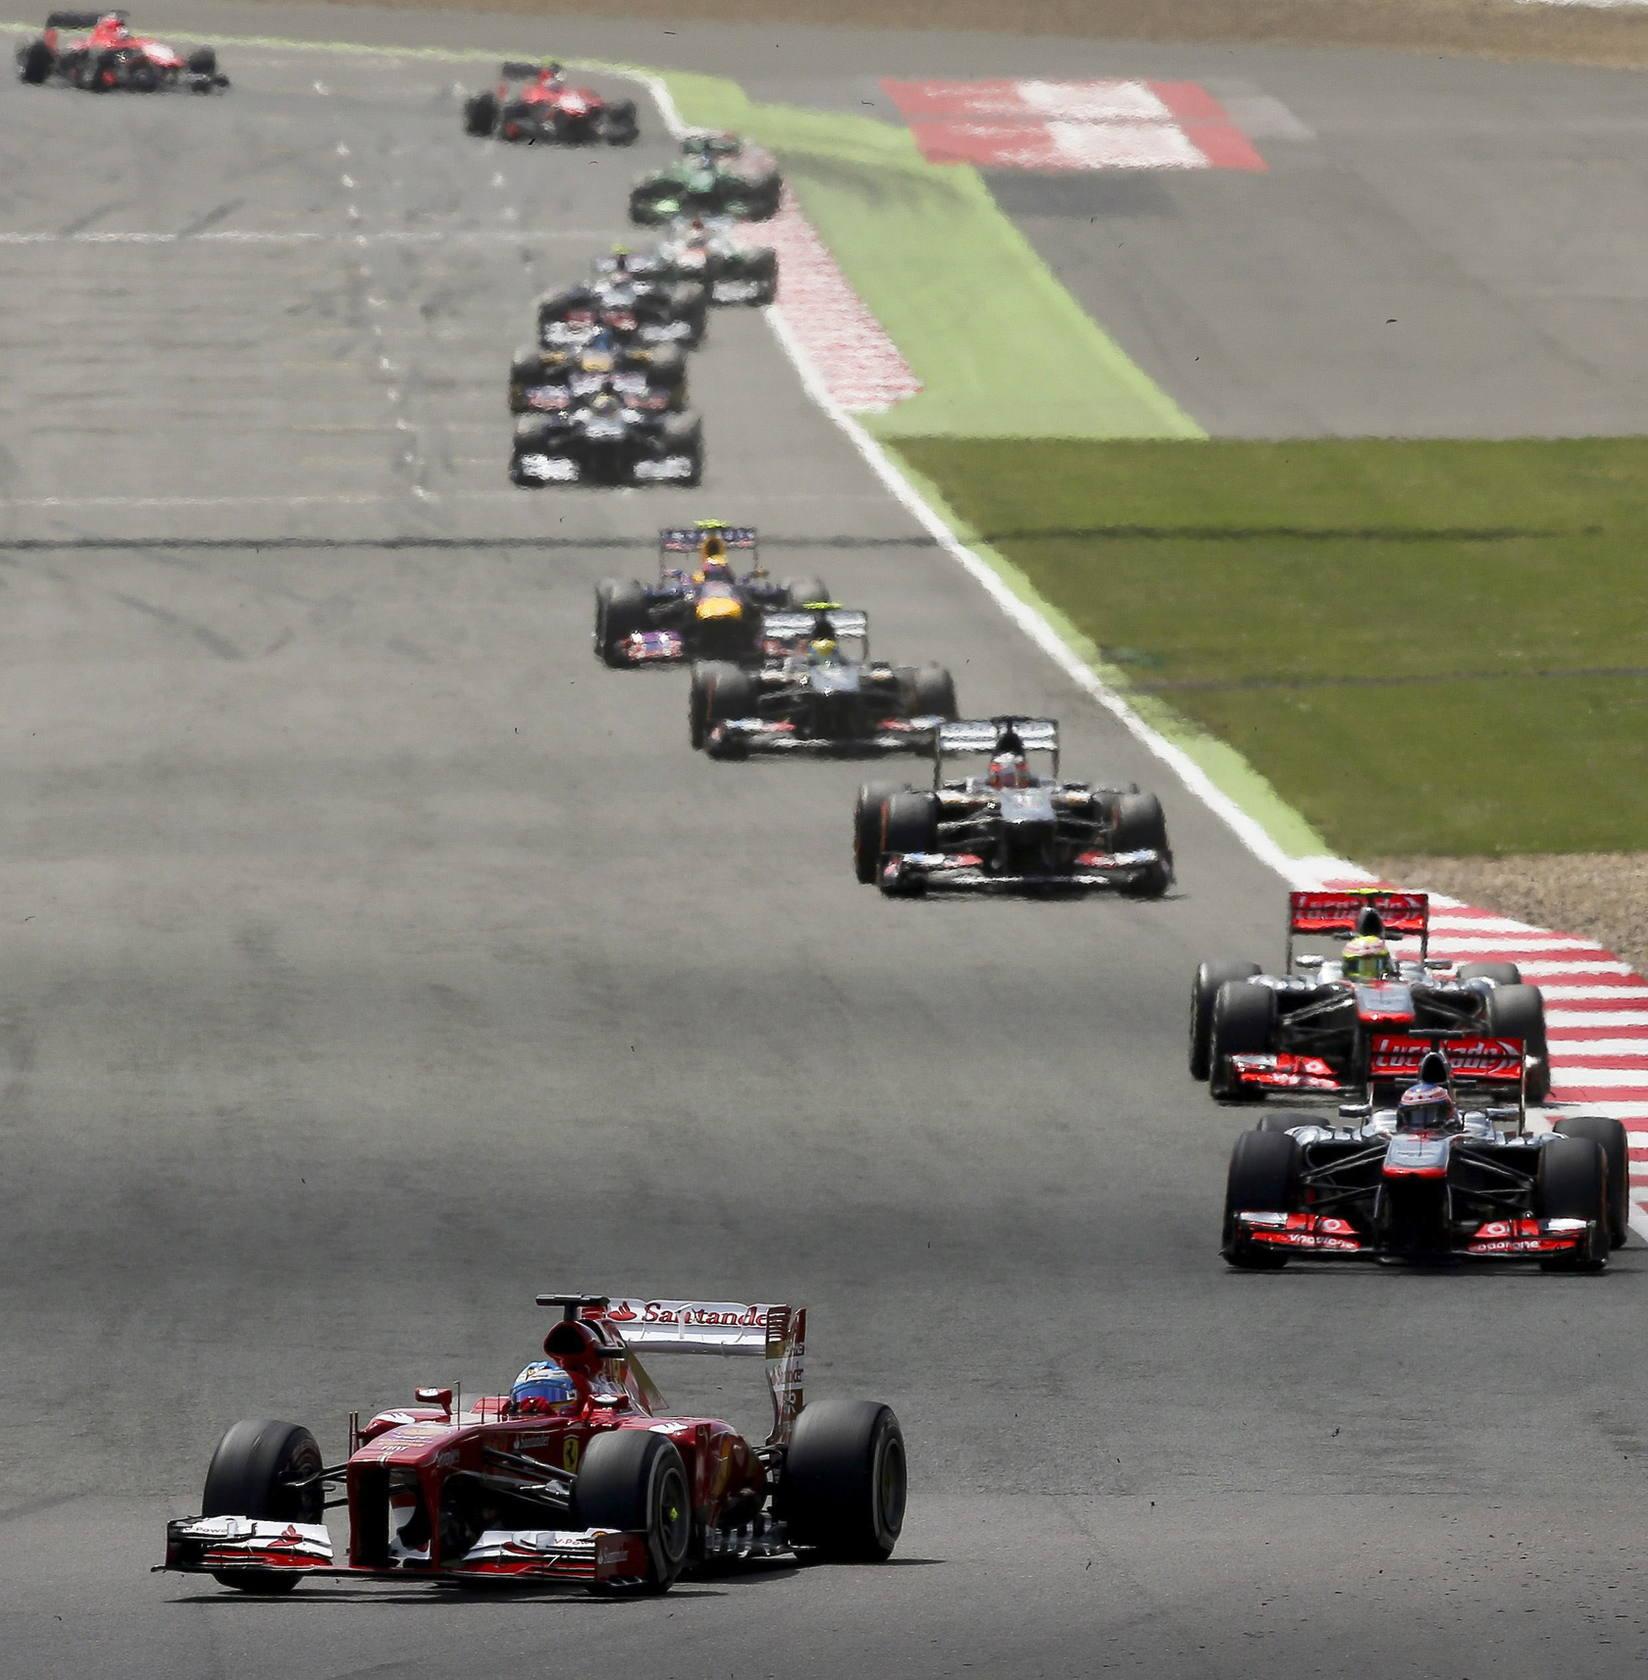 Gran Premio de Fórmula Uno de Silverstone